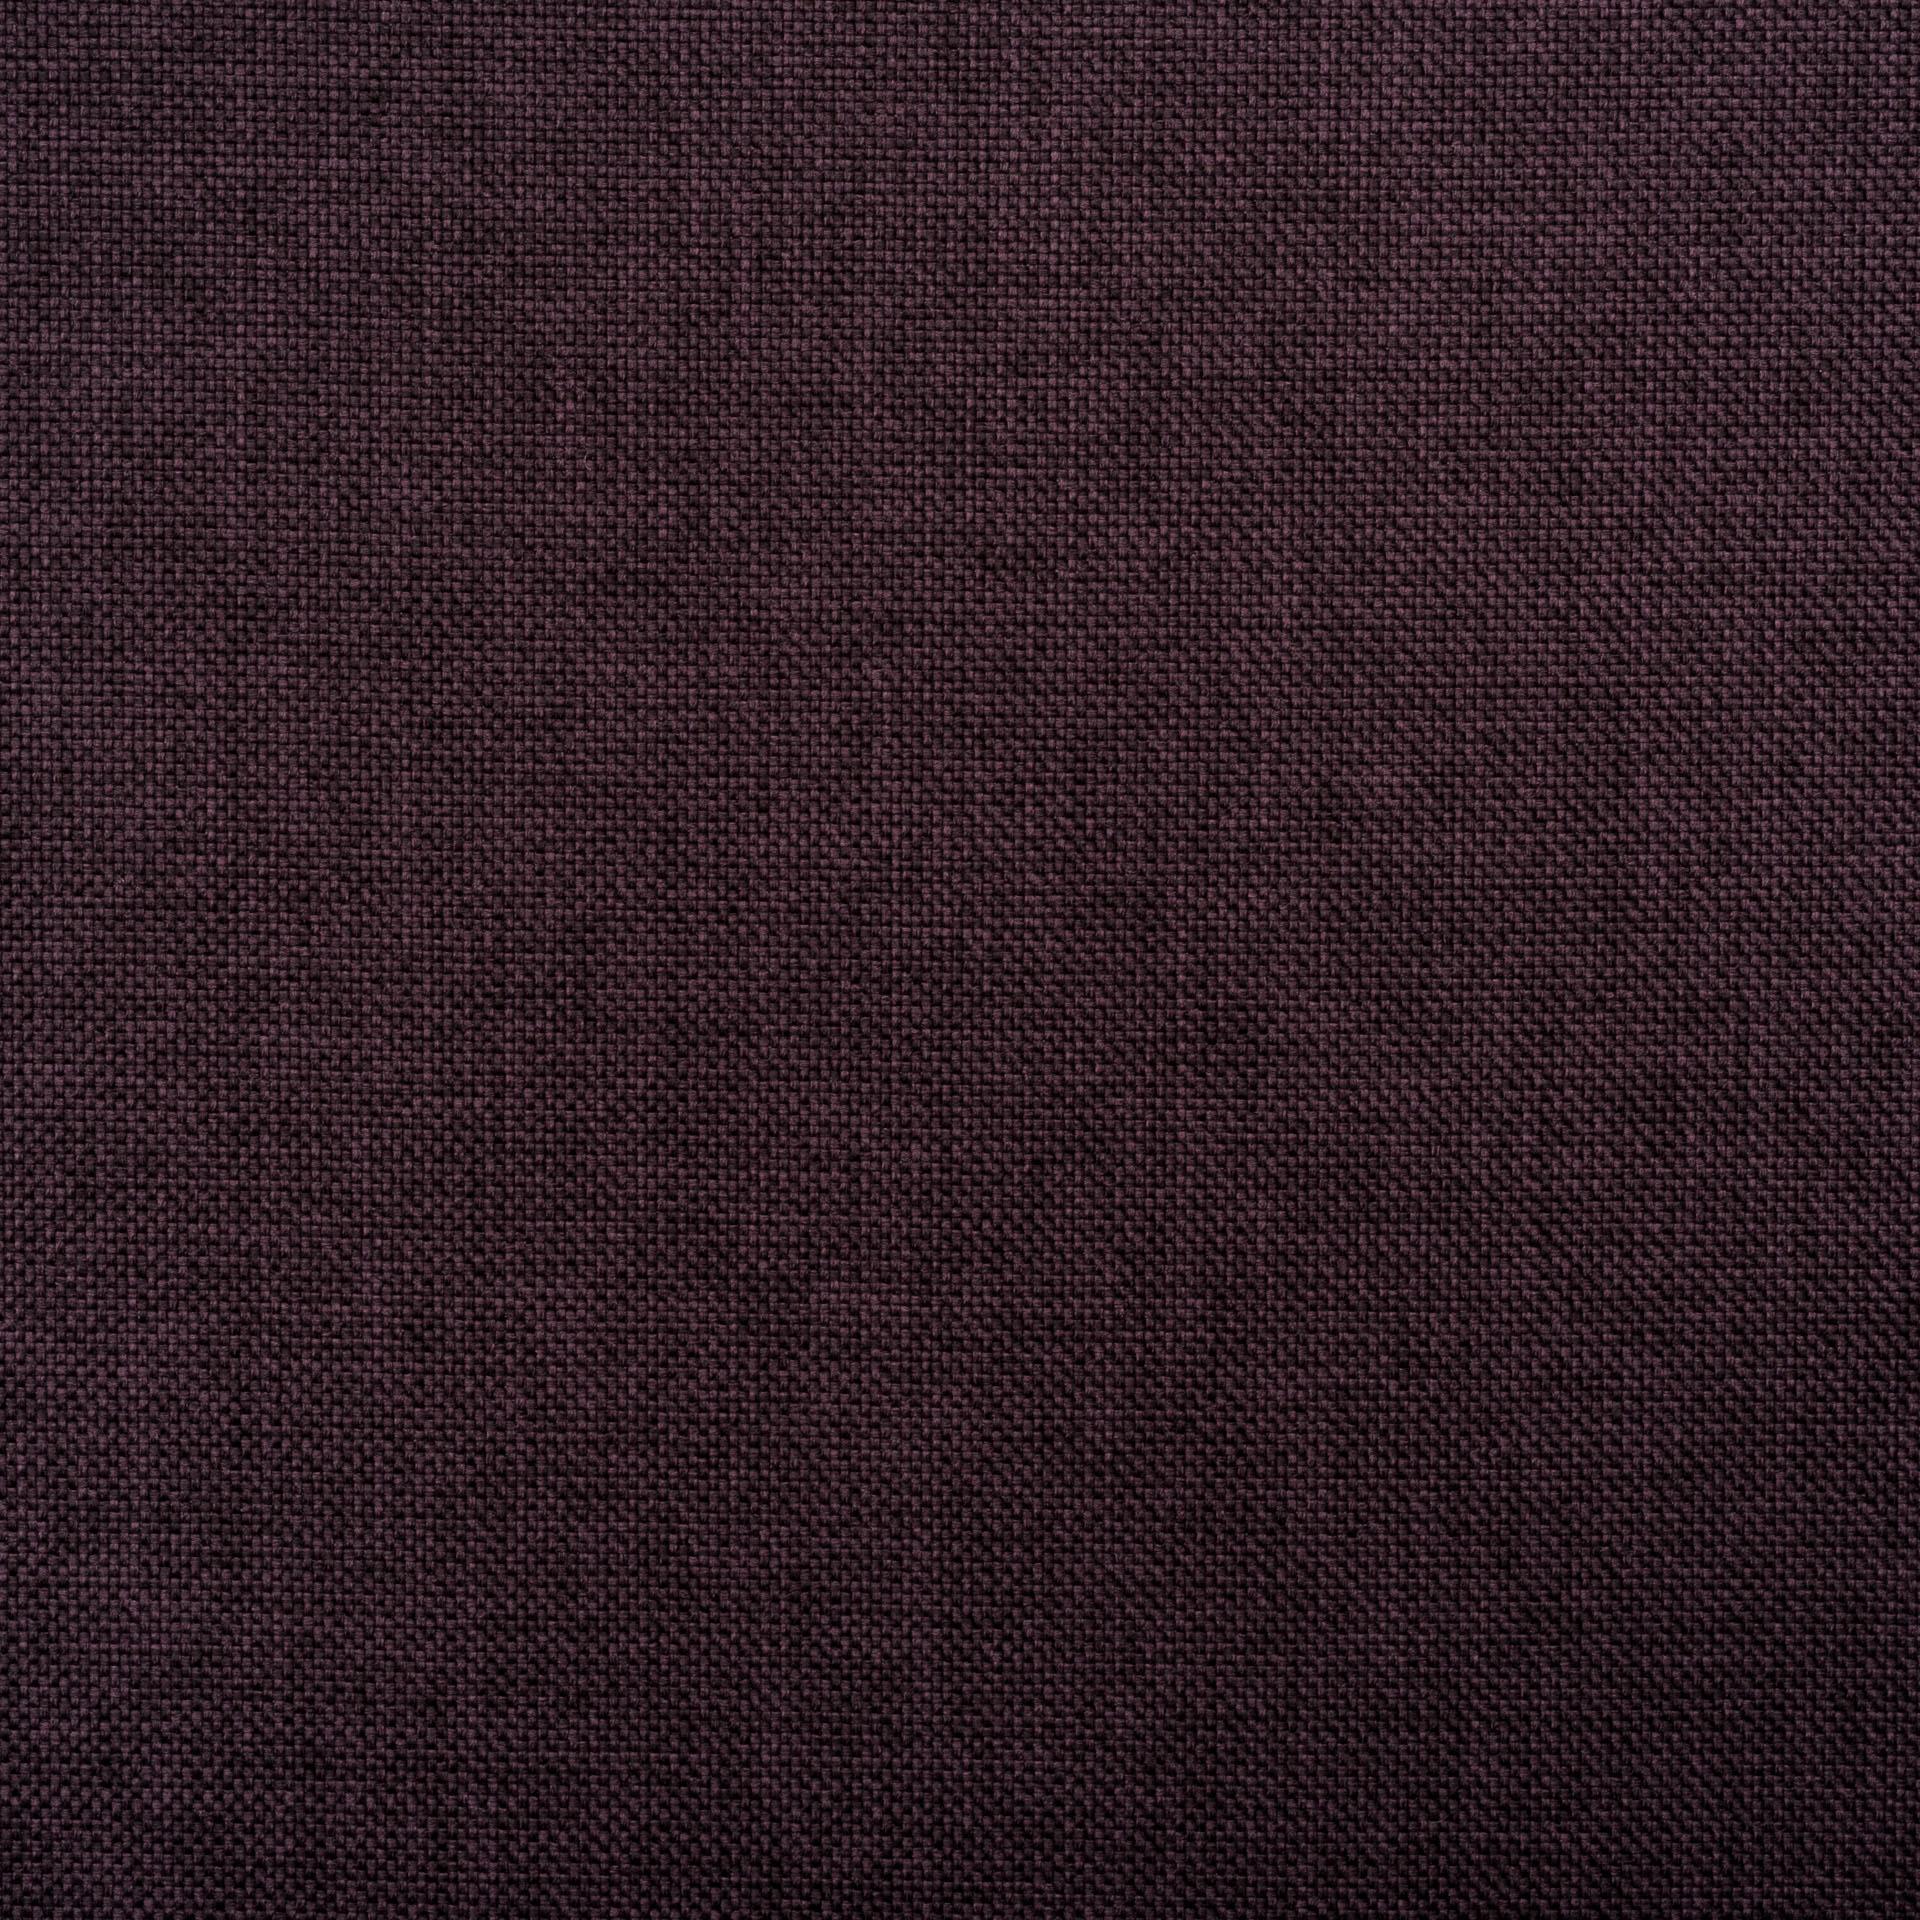 Коллекция ткани Саванна VIOLET 14,  купить ткань Жаккард для мебели Украина